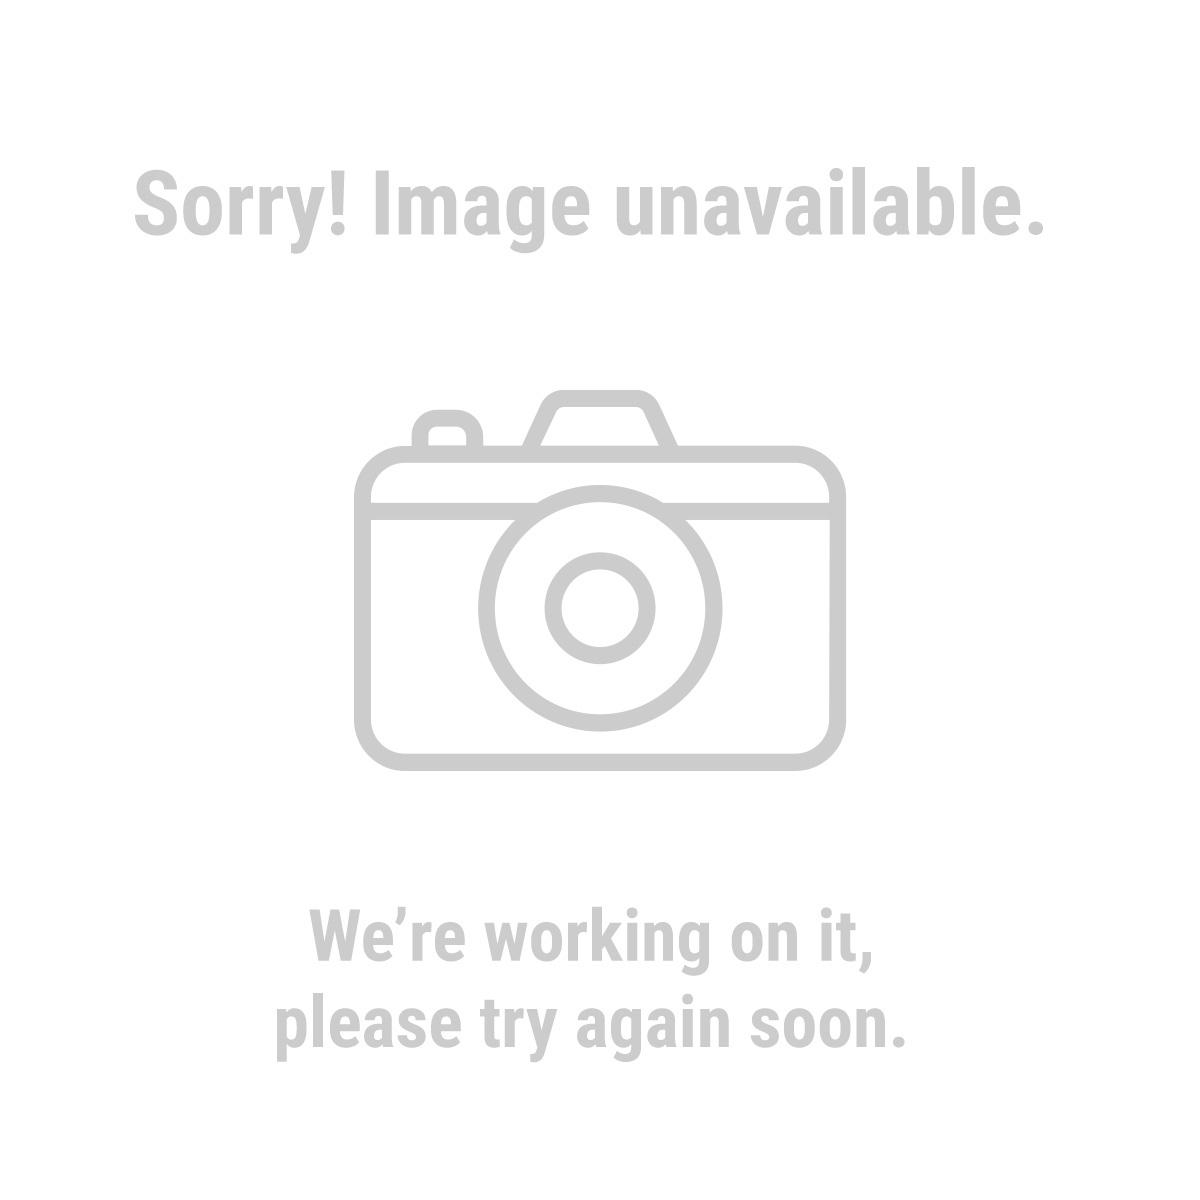 Bunker Hill Security® 62679 0.71 cu. ft. Electronic Digital Safe